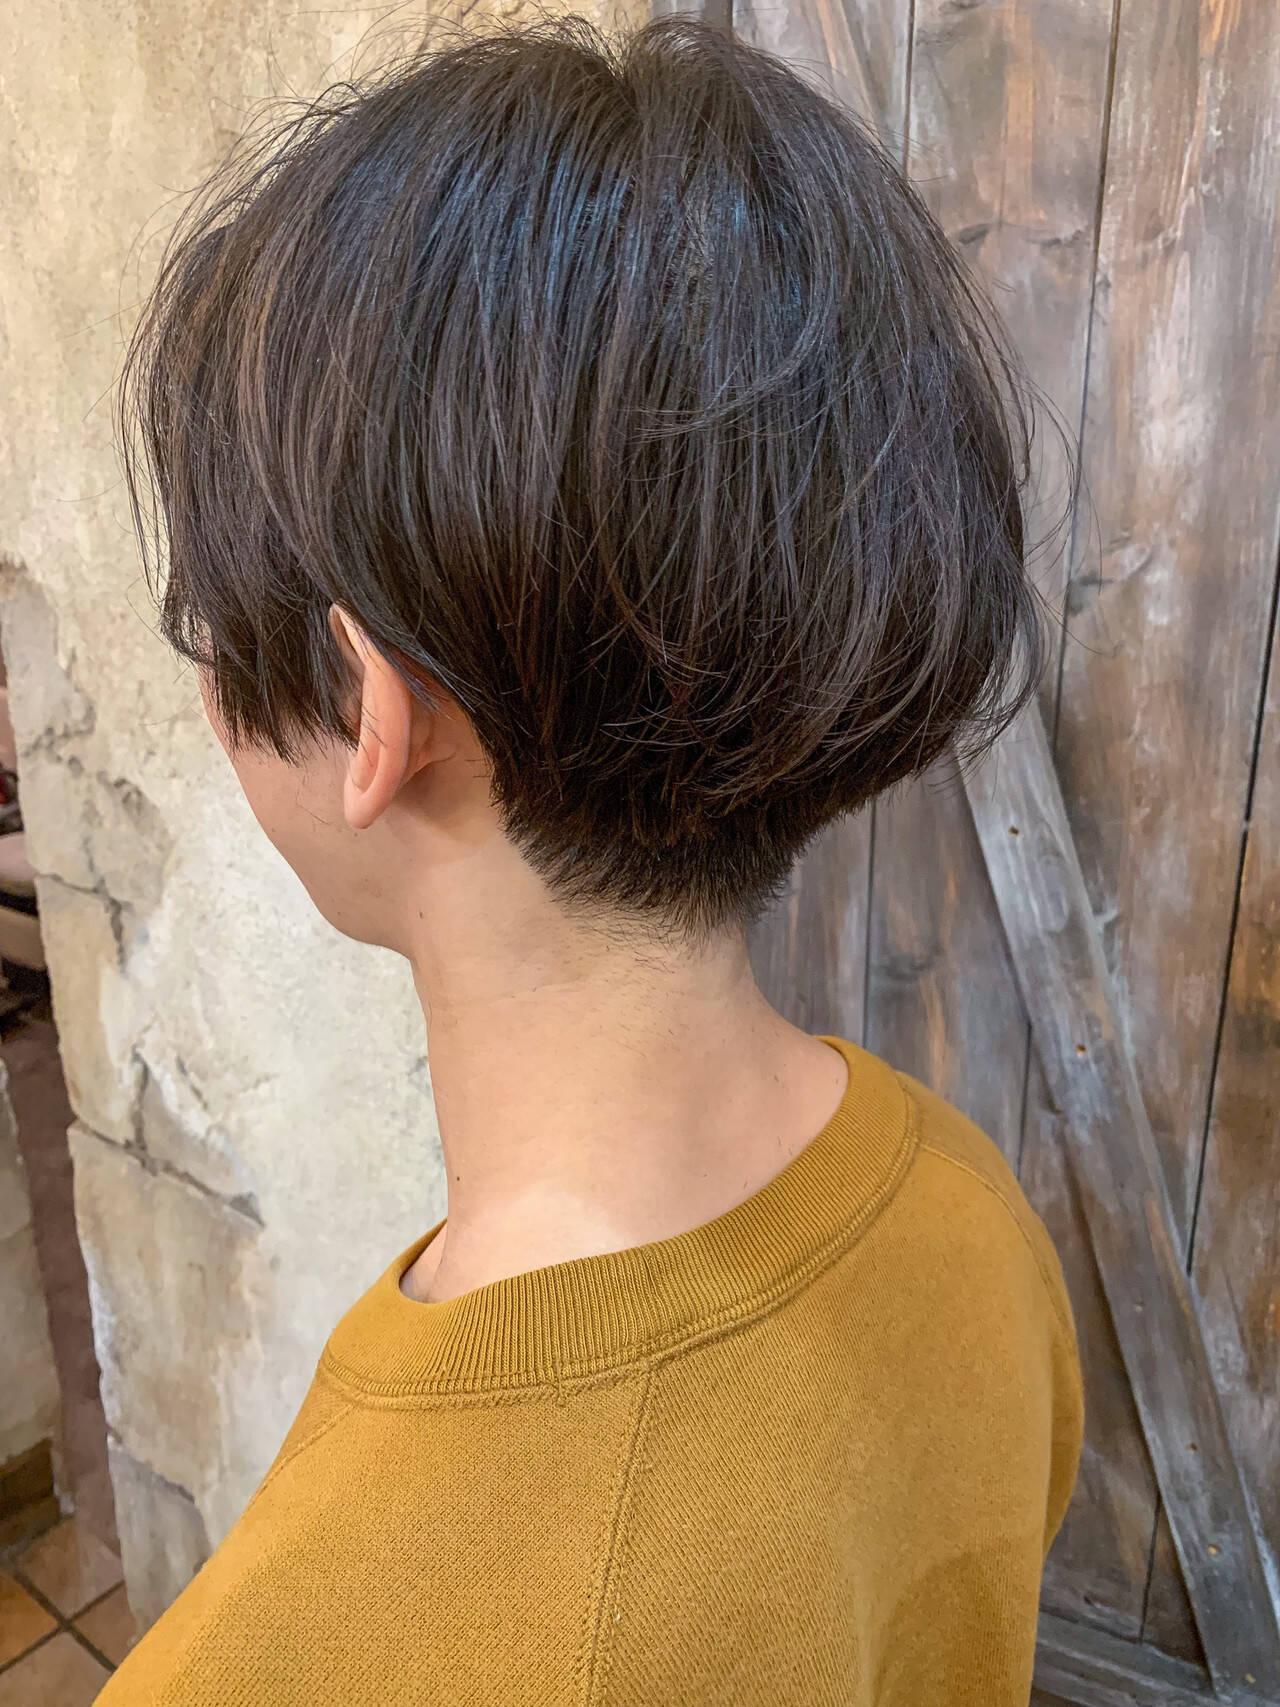 ナチュラル ショート ショートヘア メンズカットヘアスタイルや髪型の写真・画像